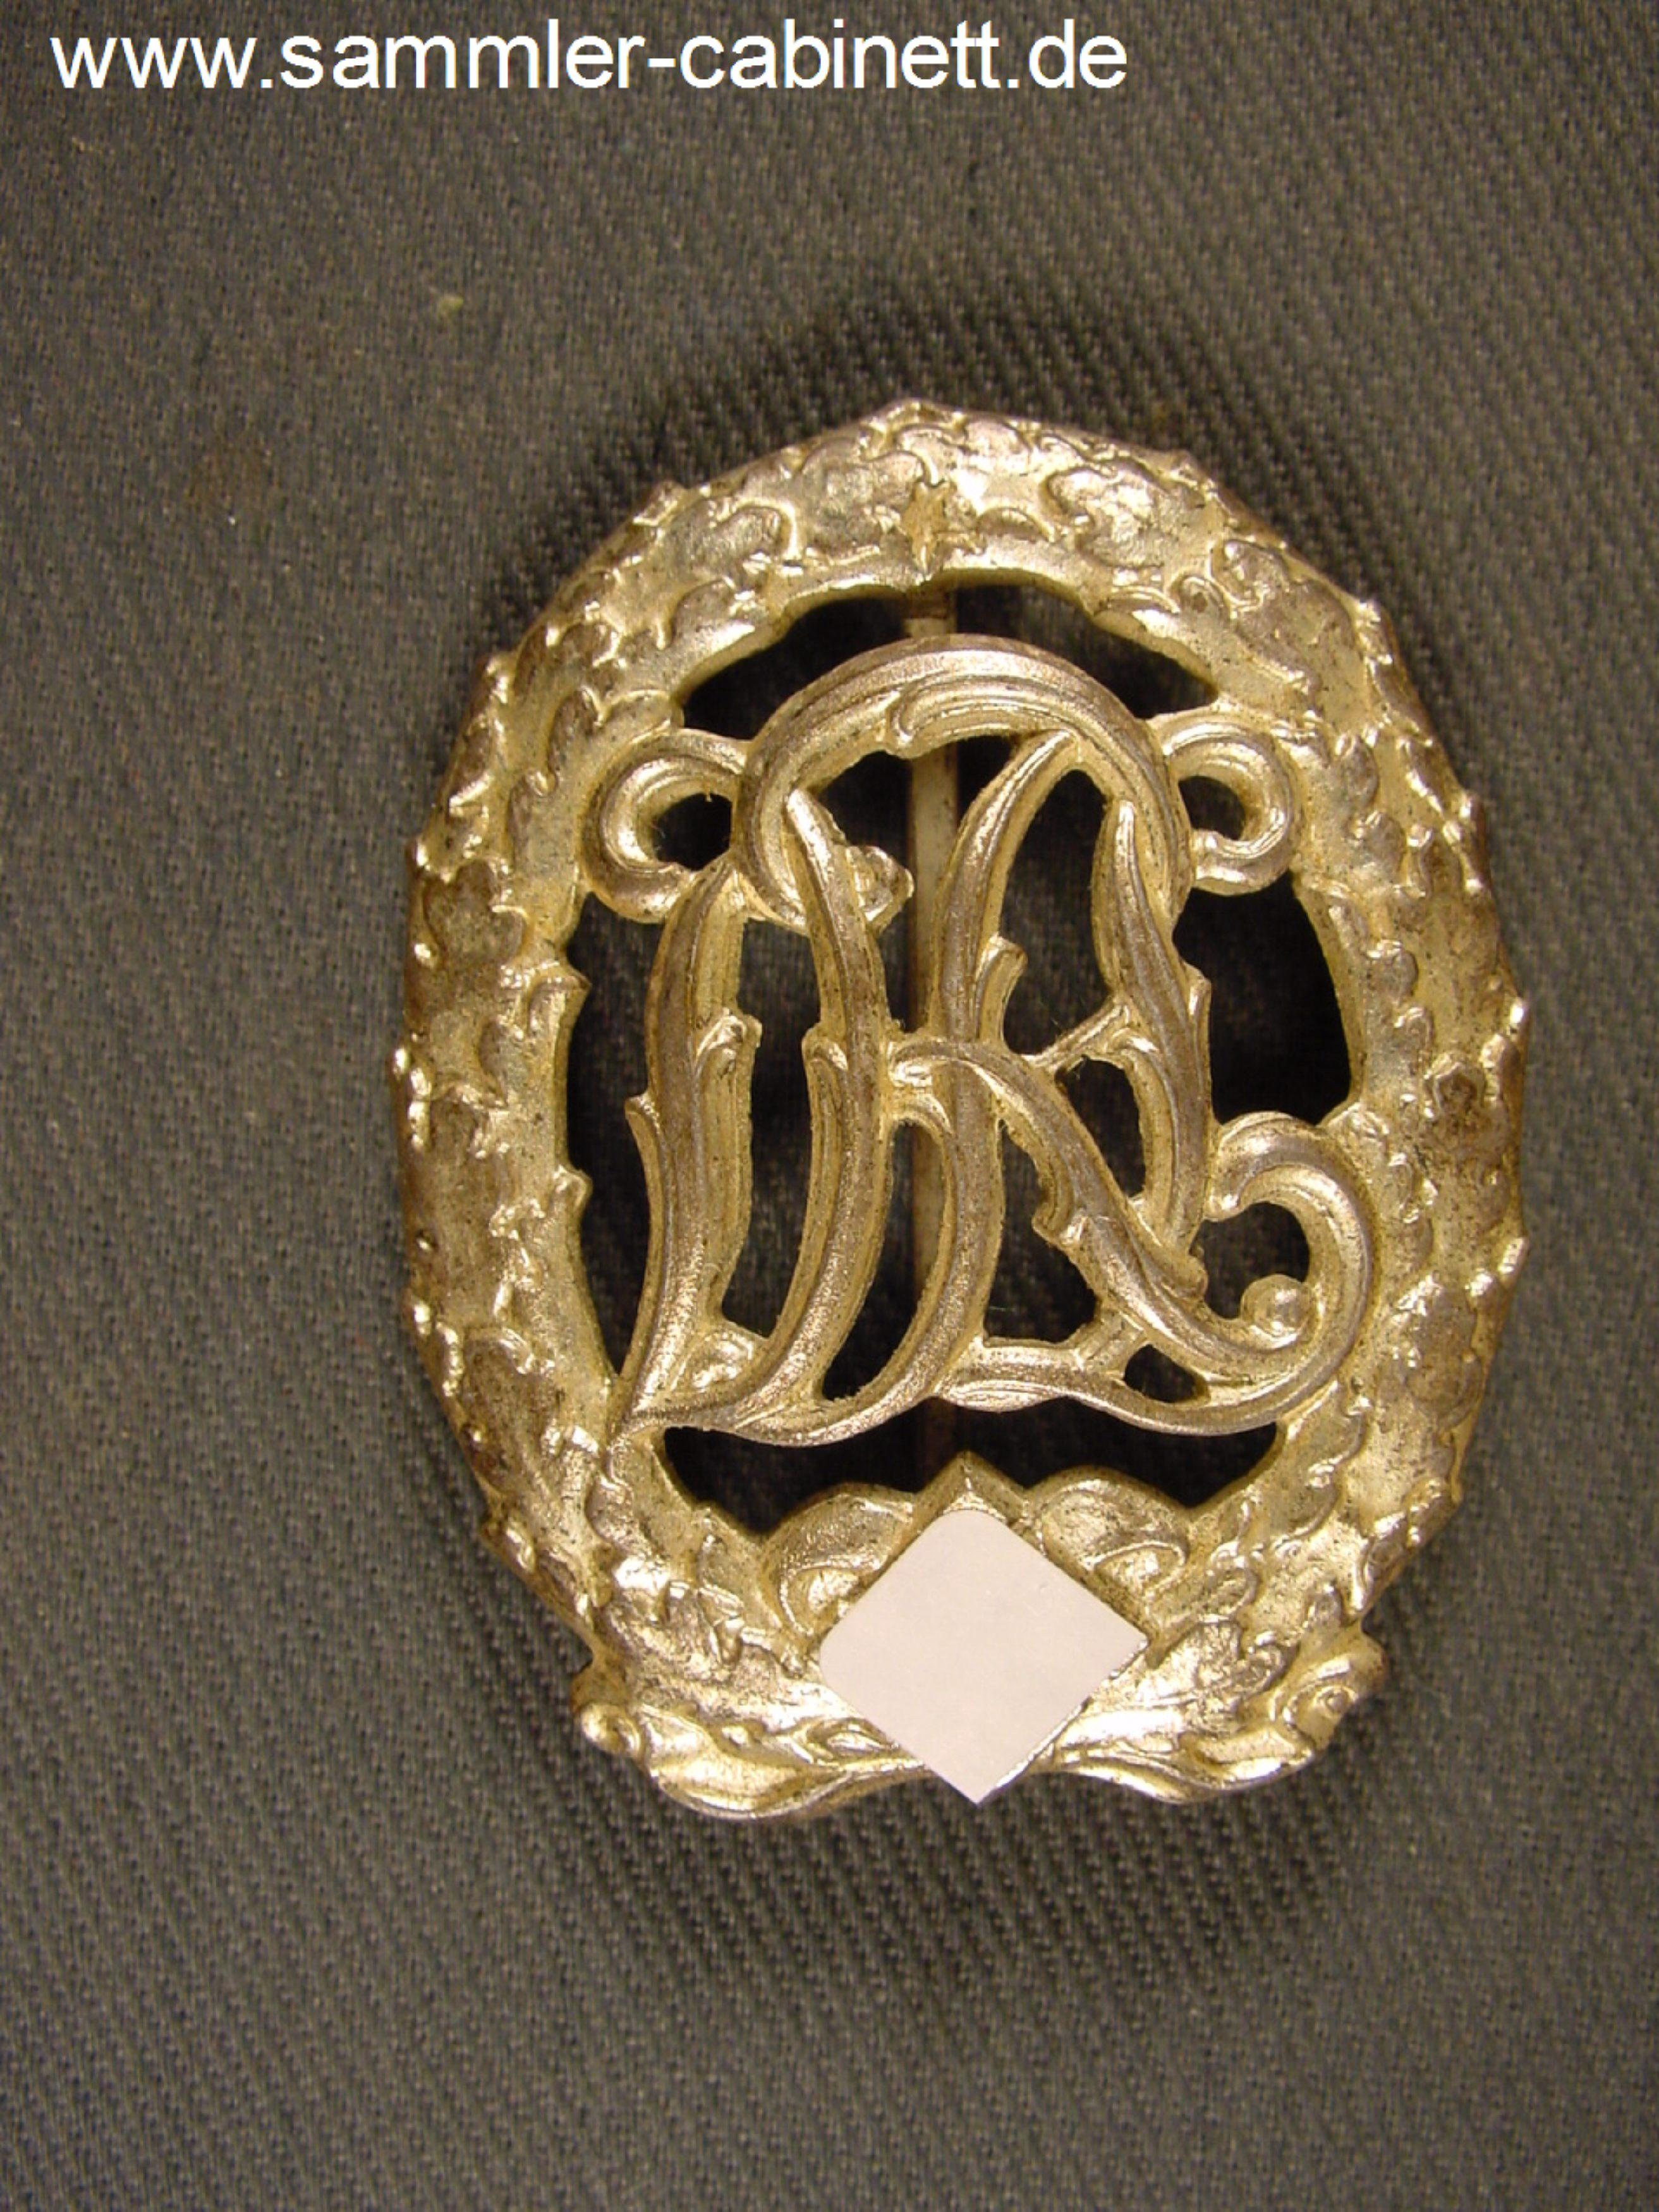 Reichssportabz Drl Mit Hakenkreuz In Silber Buntmetall